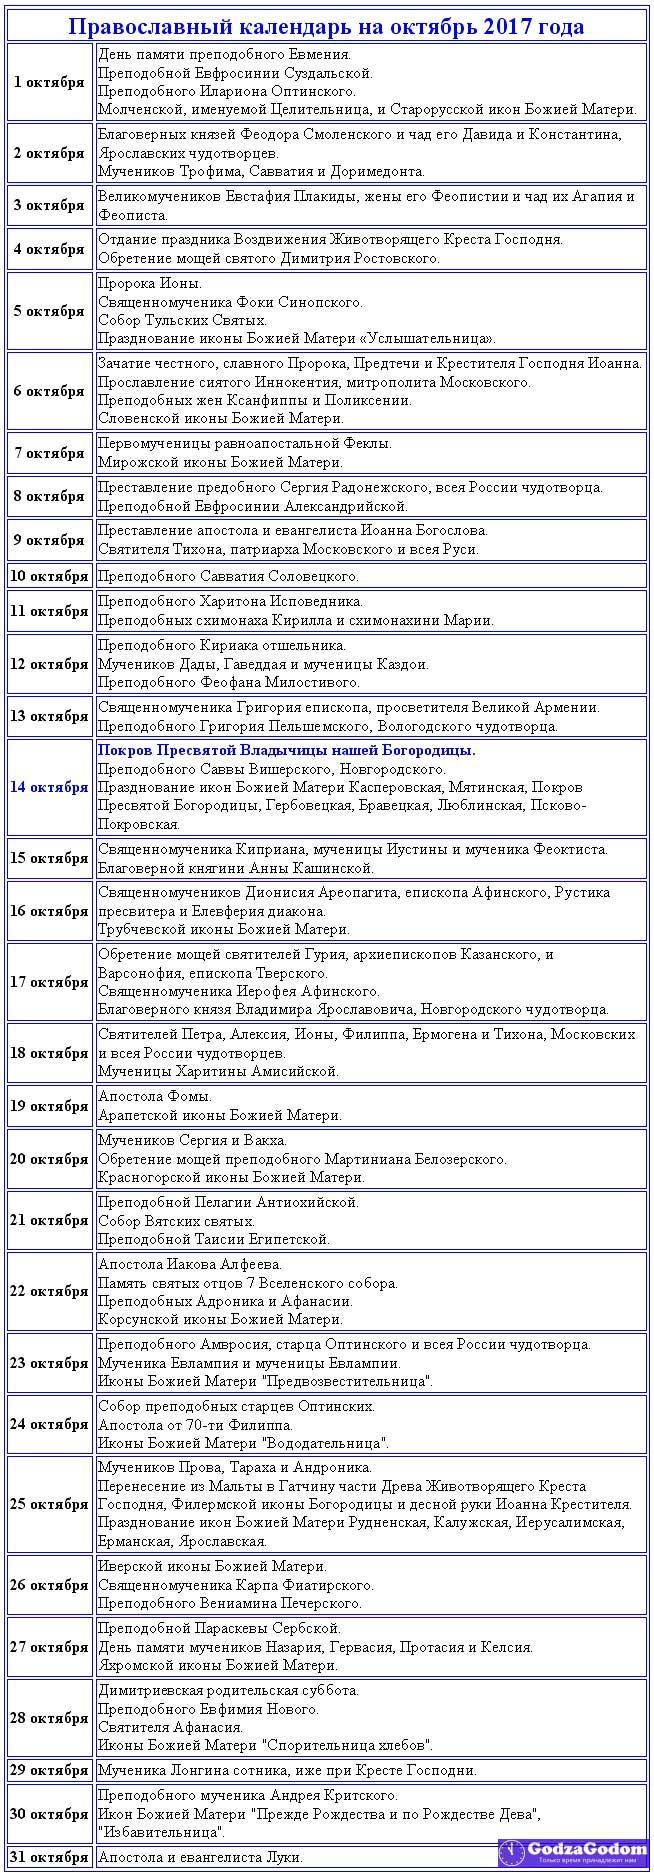 Таблица. Церковный календарь православных постов и праздников на октябрь 2017 г.